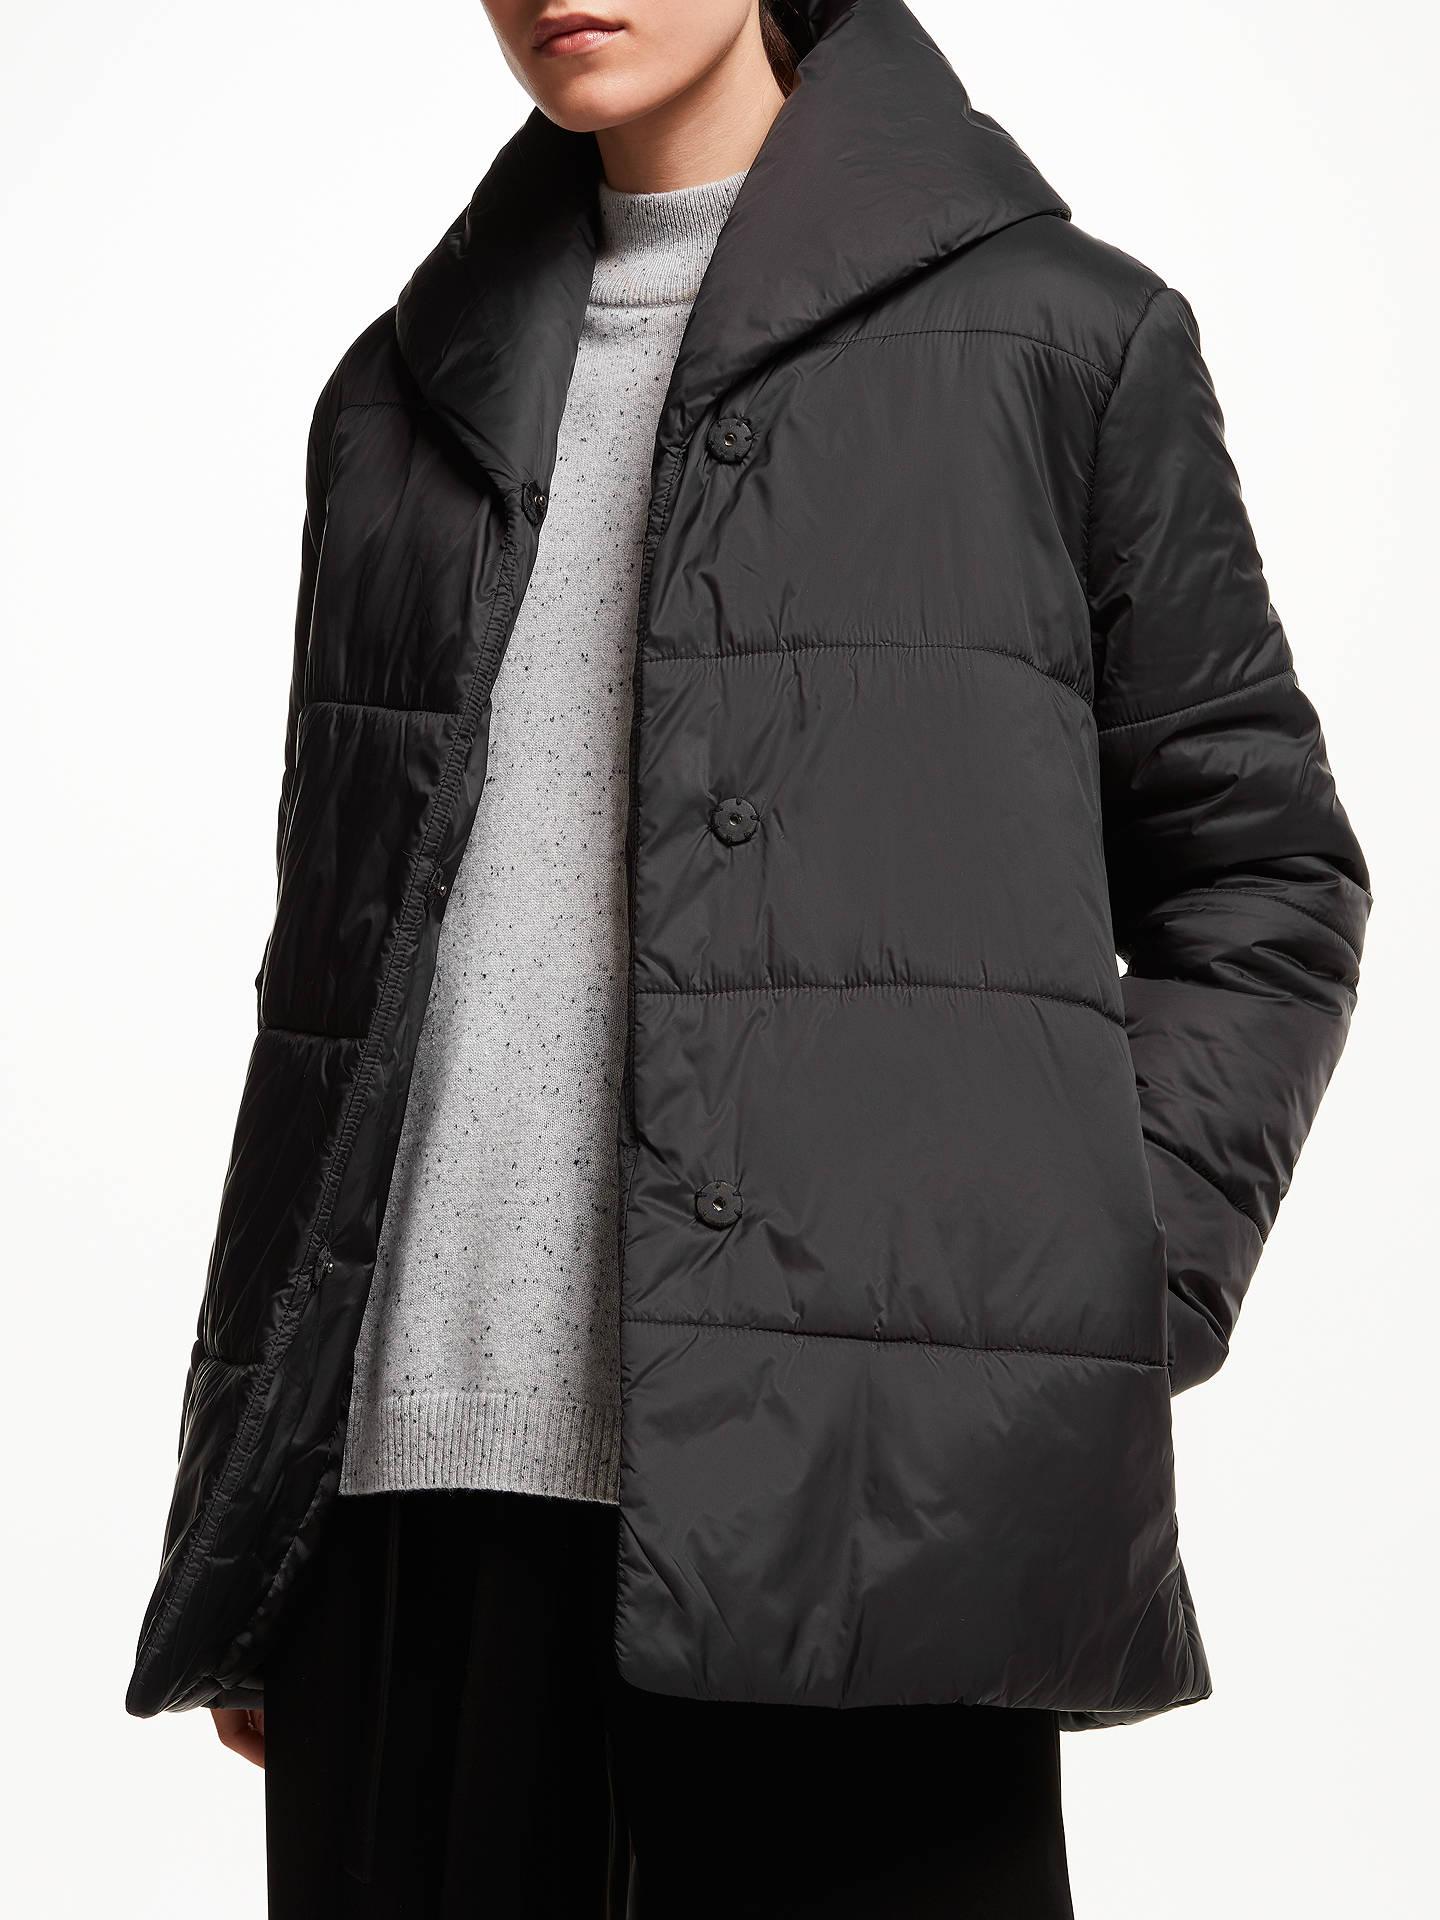 8586113e7 John Lewis & Partners Shawl Puffer Jacket, Black at John Lewis ...